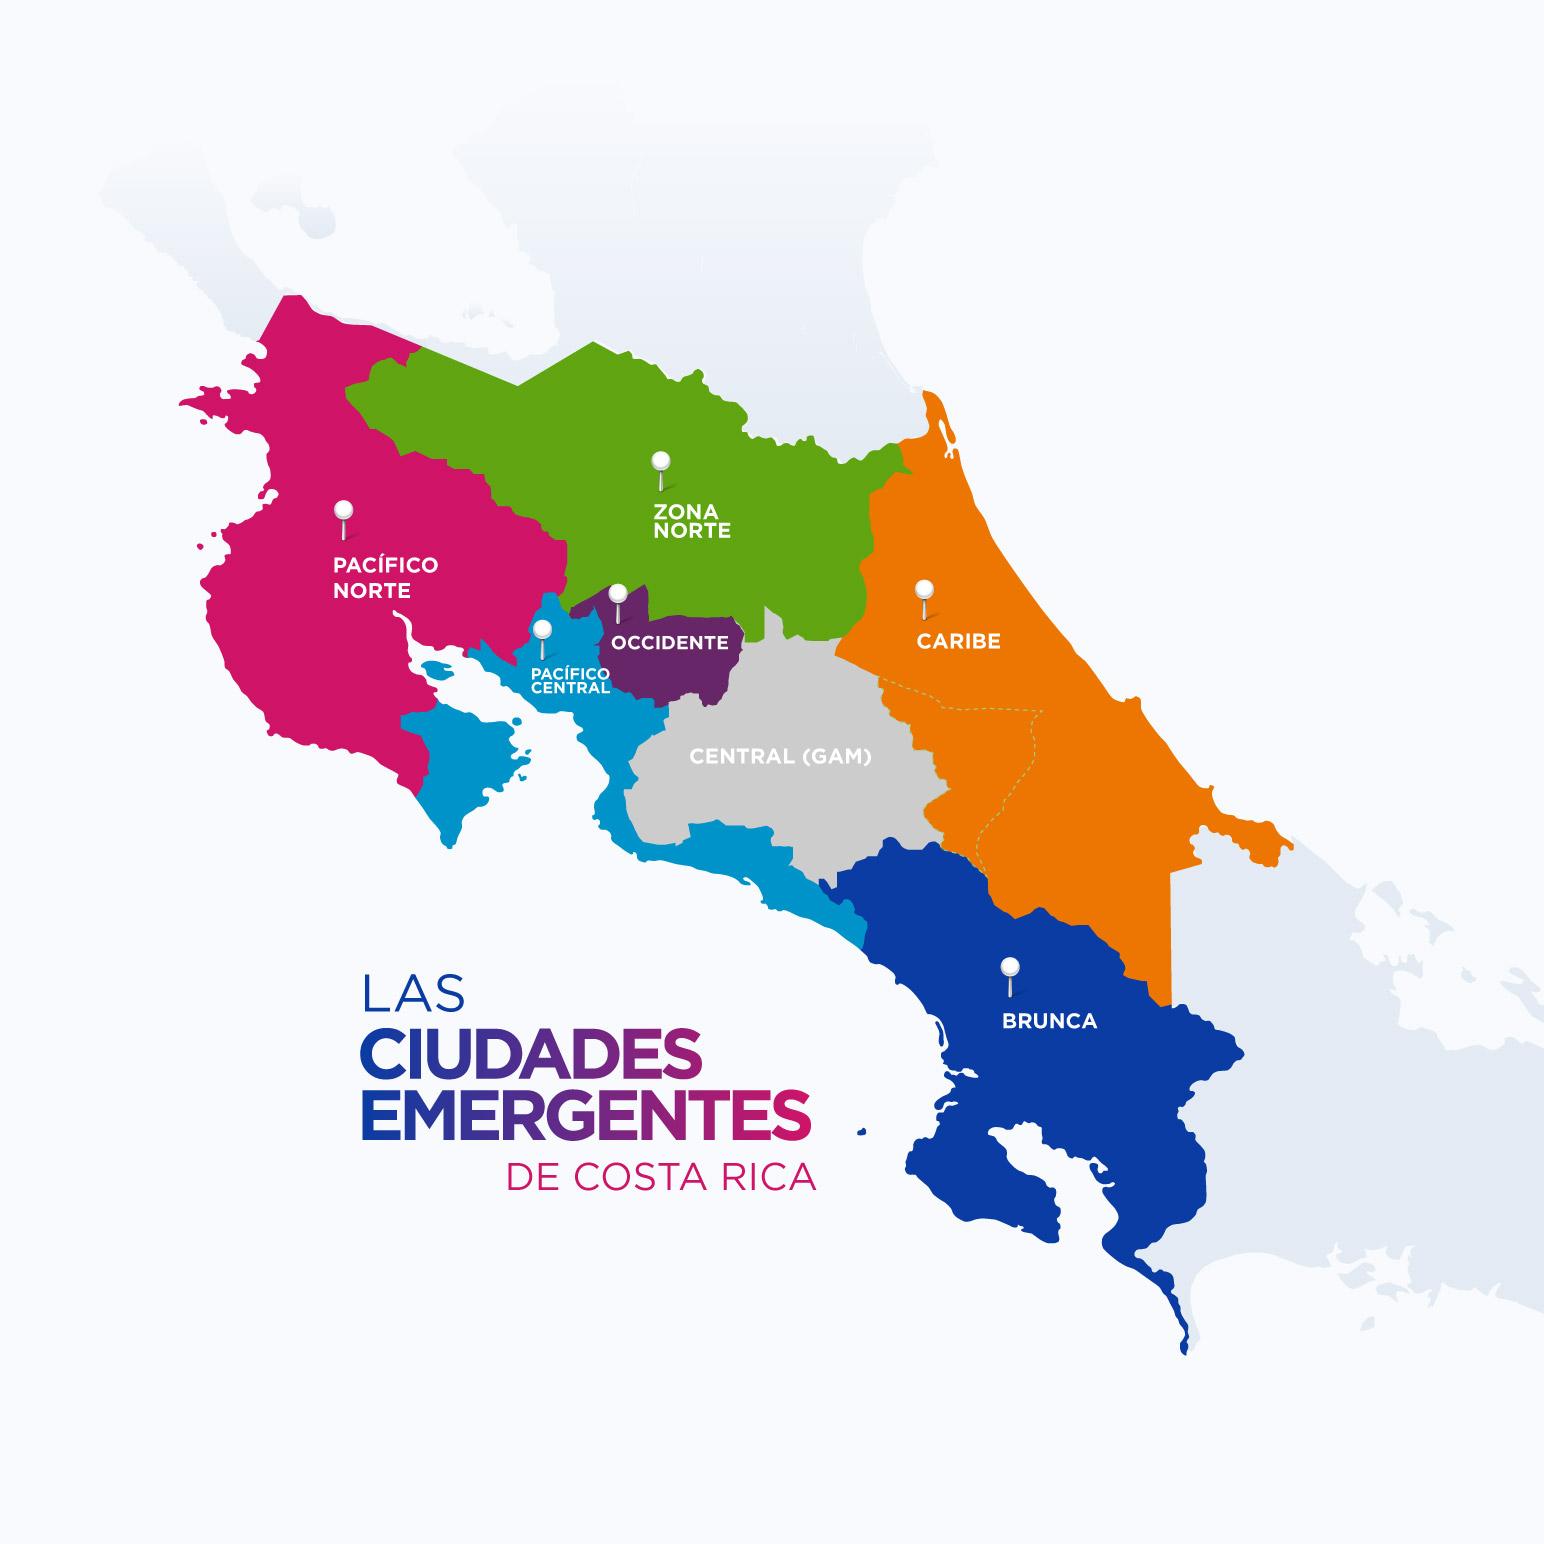 Ciudades Emergentes de Costa Rica